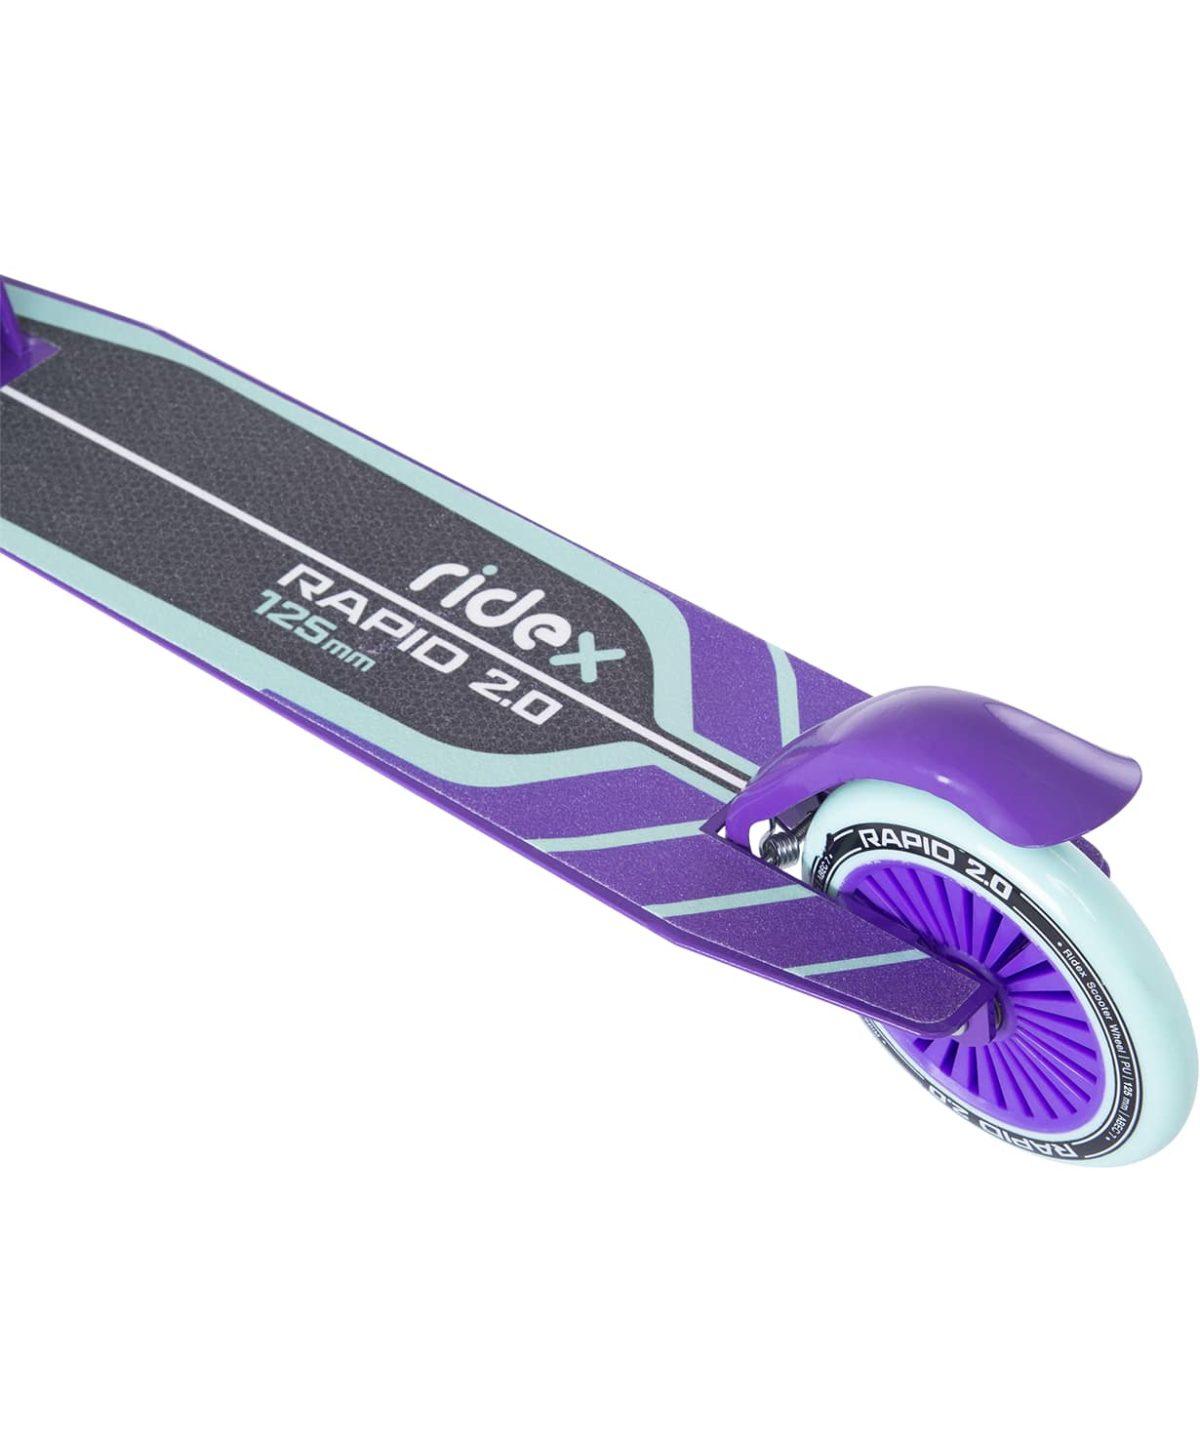 RIDEX Rapid 2 Самокат 2-х колес.  125 мм  Rapid: мятный/фиолетовый - 5